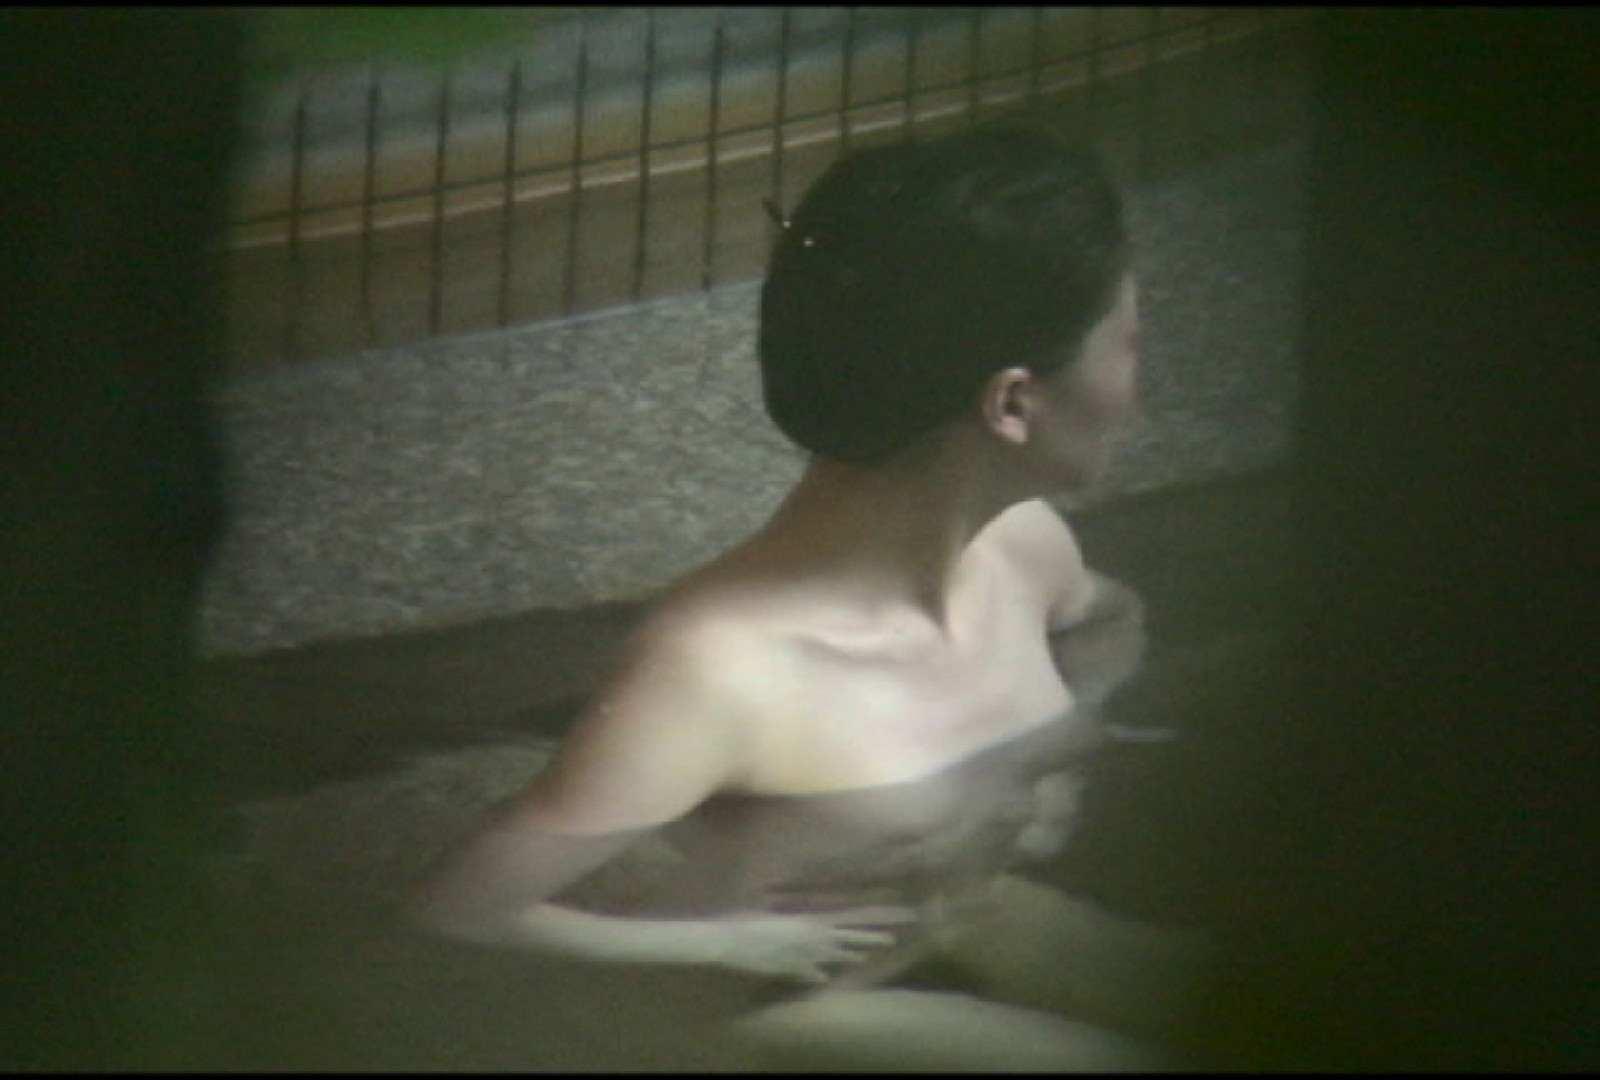 Aquaな露天風呂Vol.699 盗撮シリーズ  93PIX 34